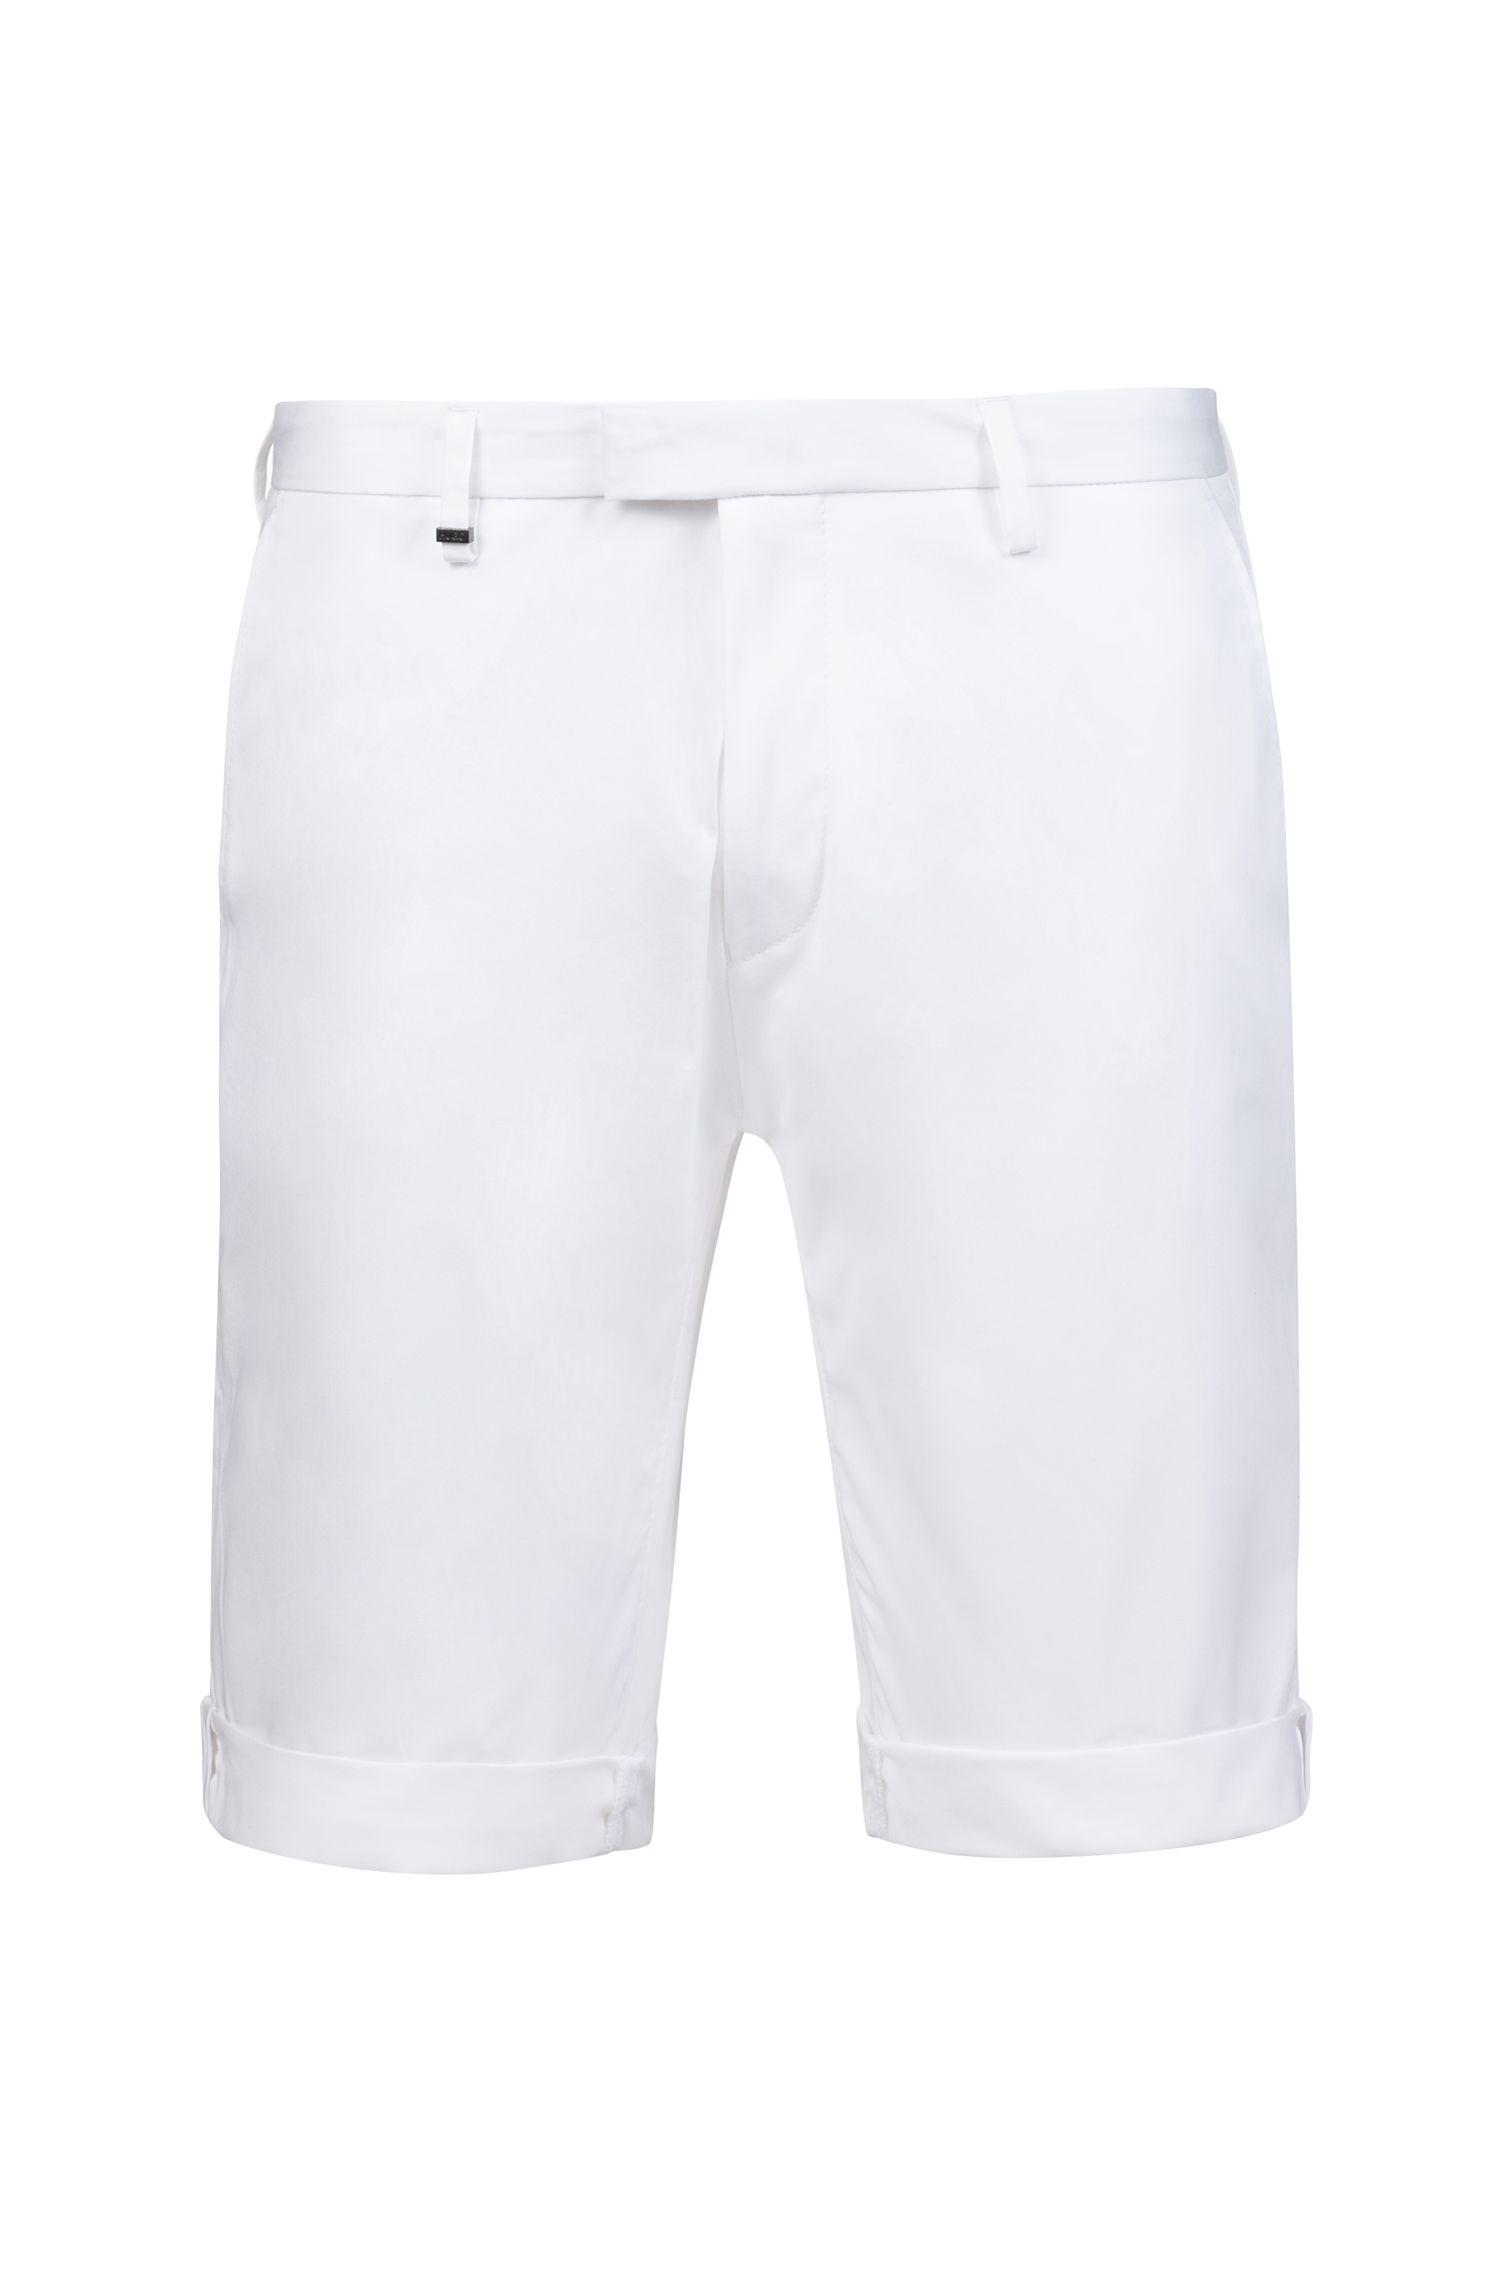 Pantaloncini slim fit in cotone elasticizzato con dettagli a contrasto, Bianco